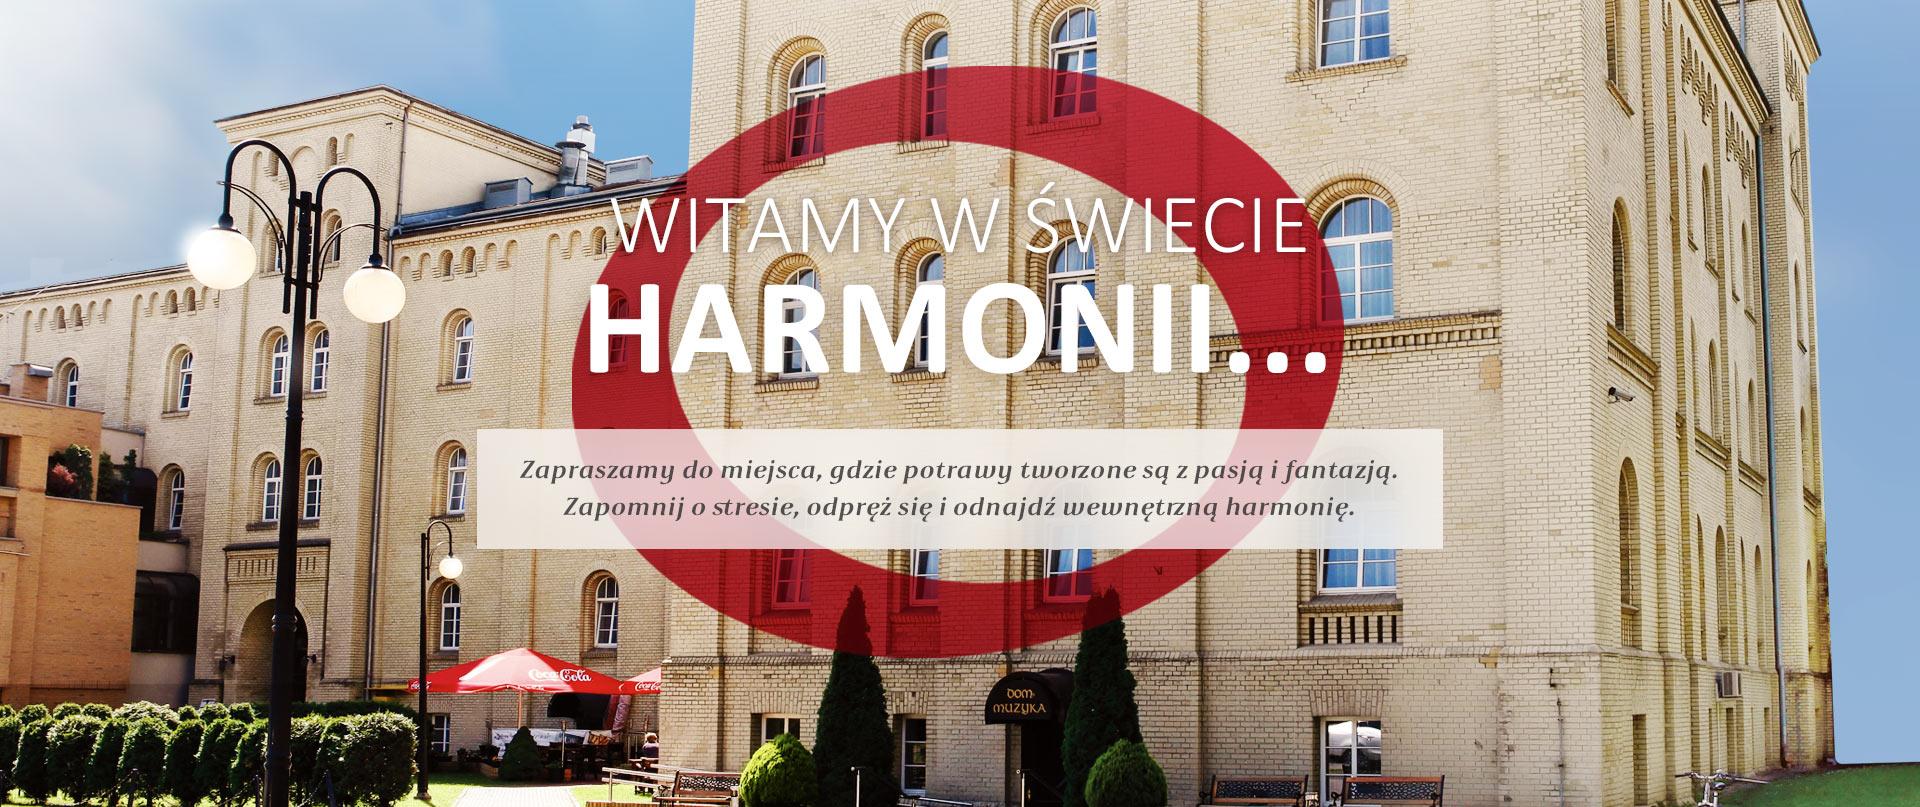 Harmony Restaurant - Wejście do budynku